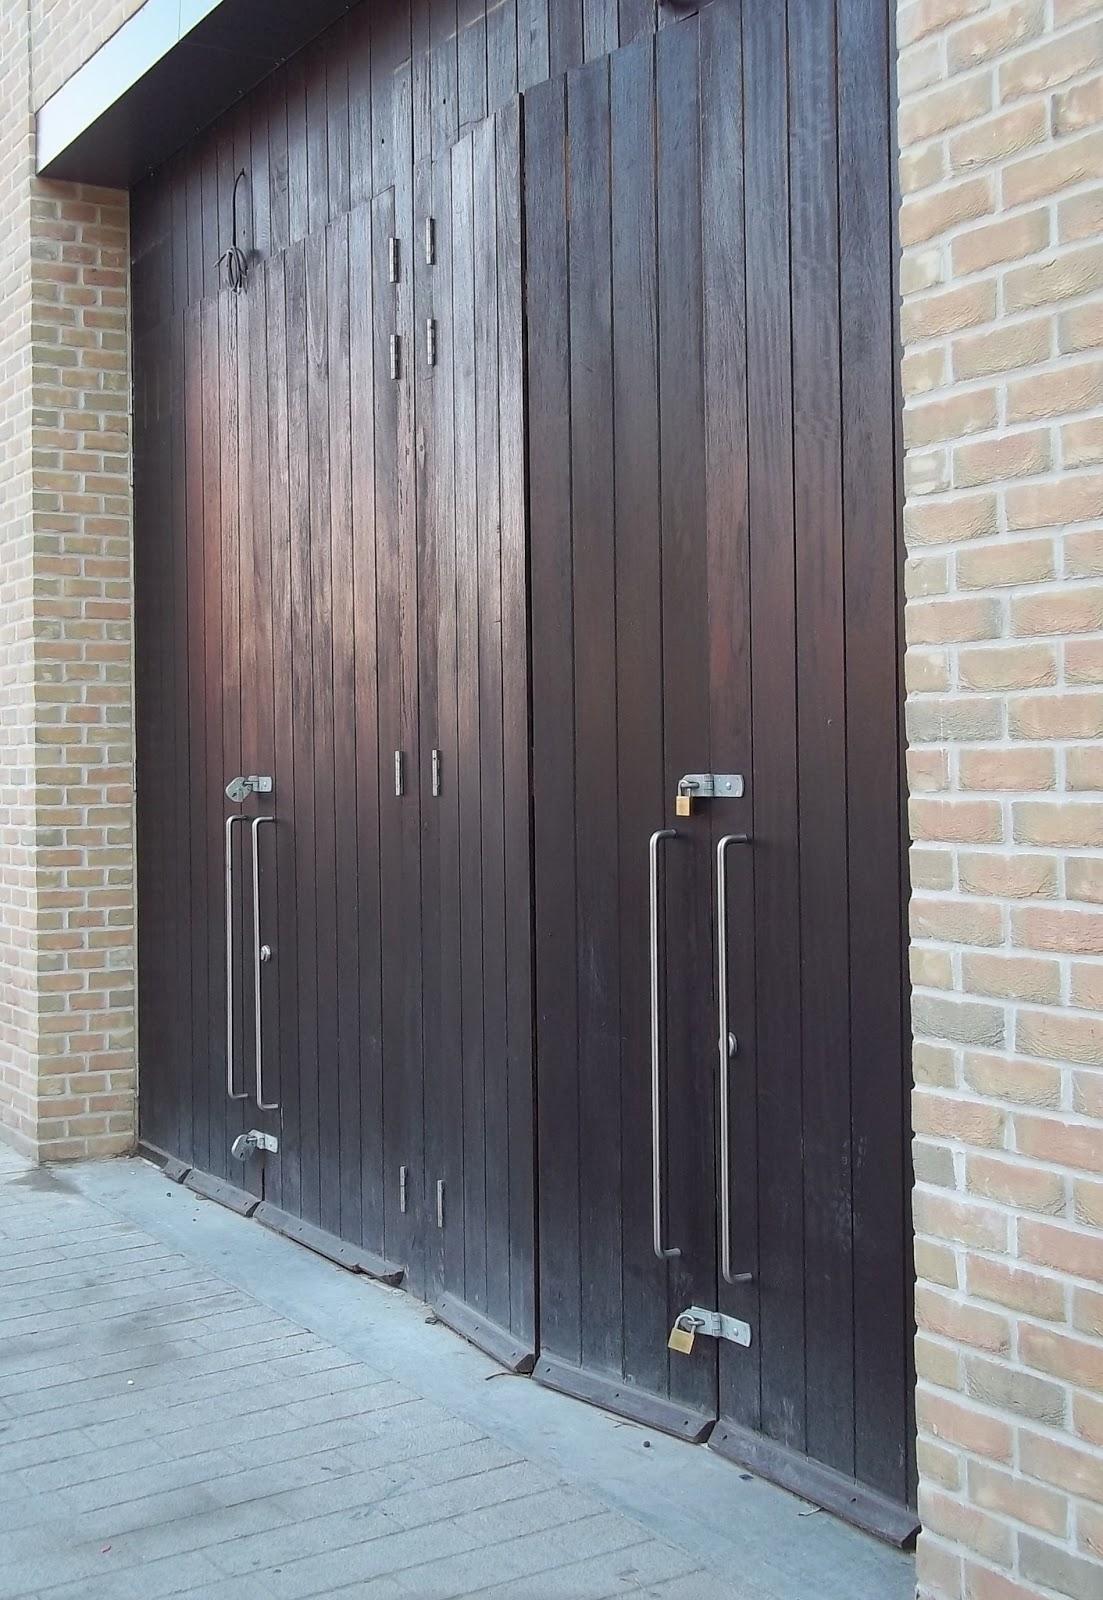 Wibbly wobbly doors